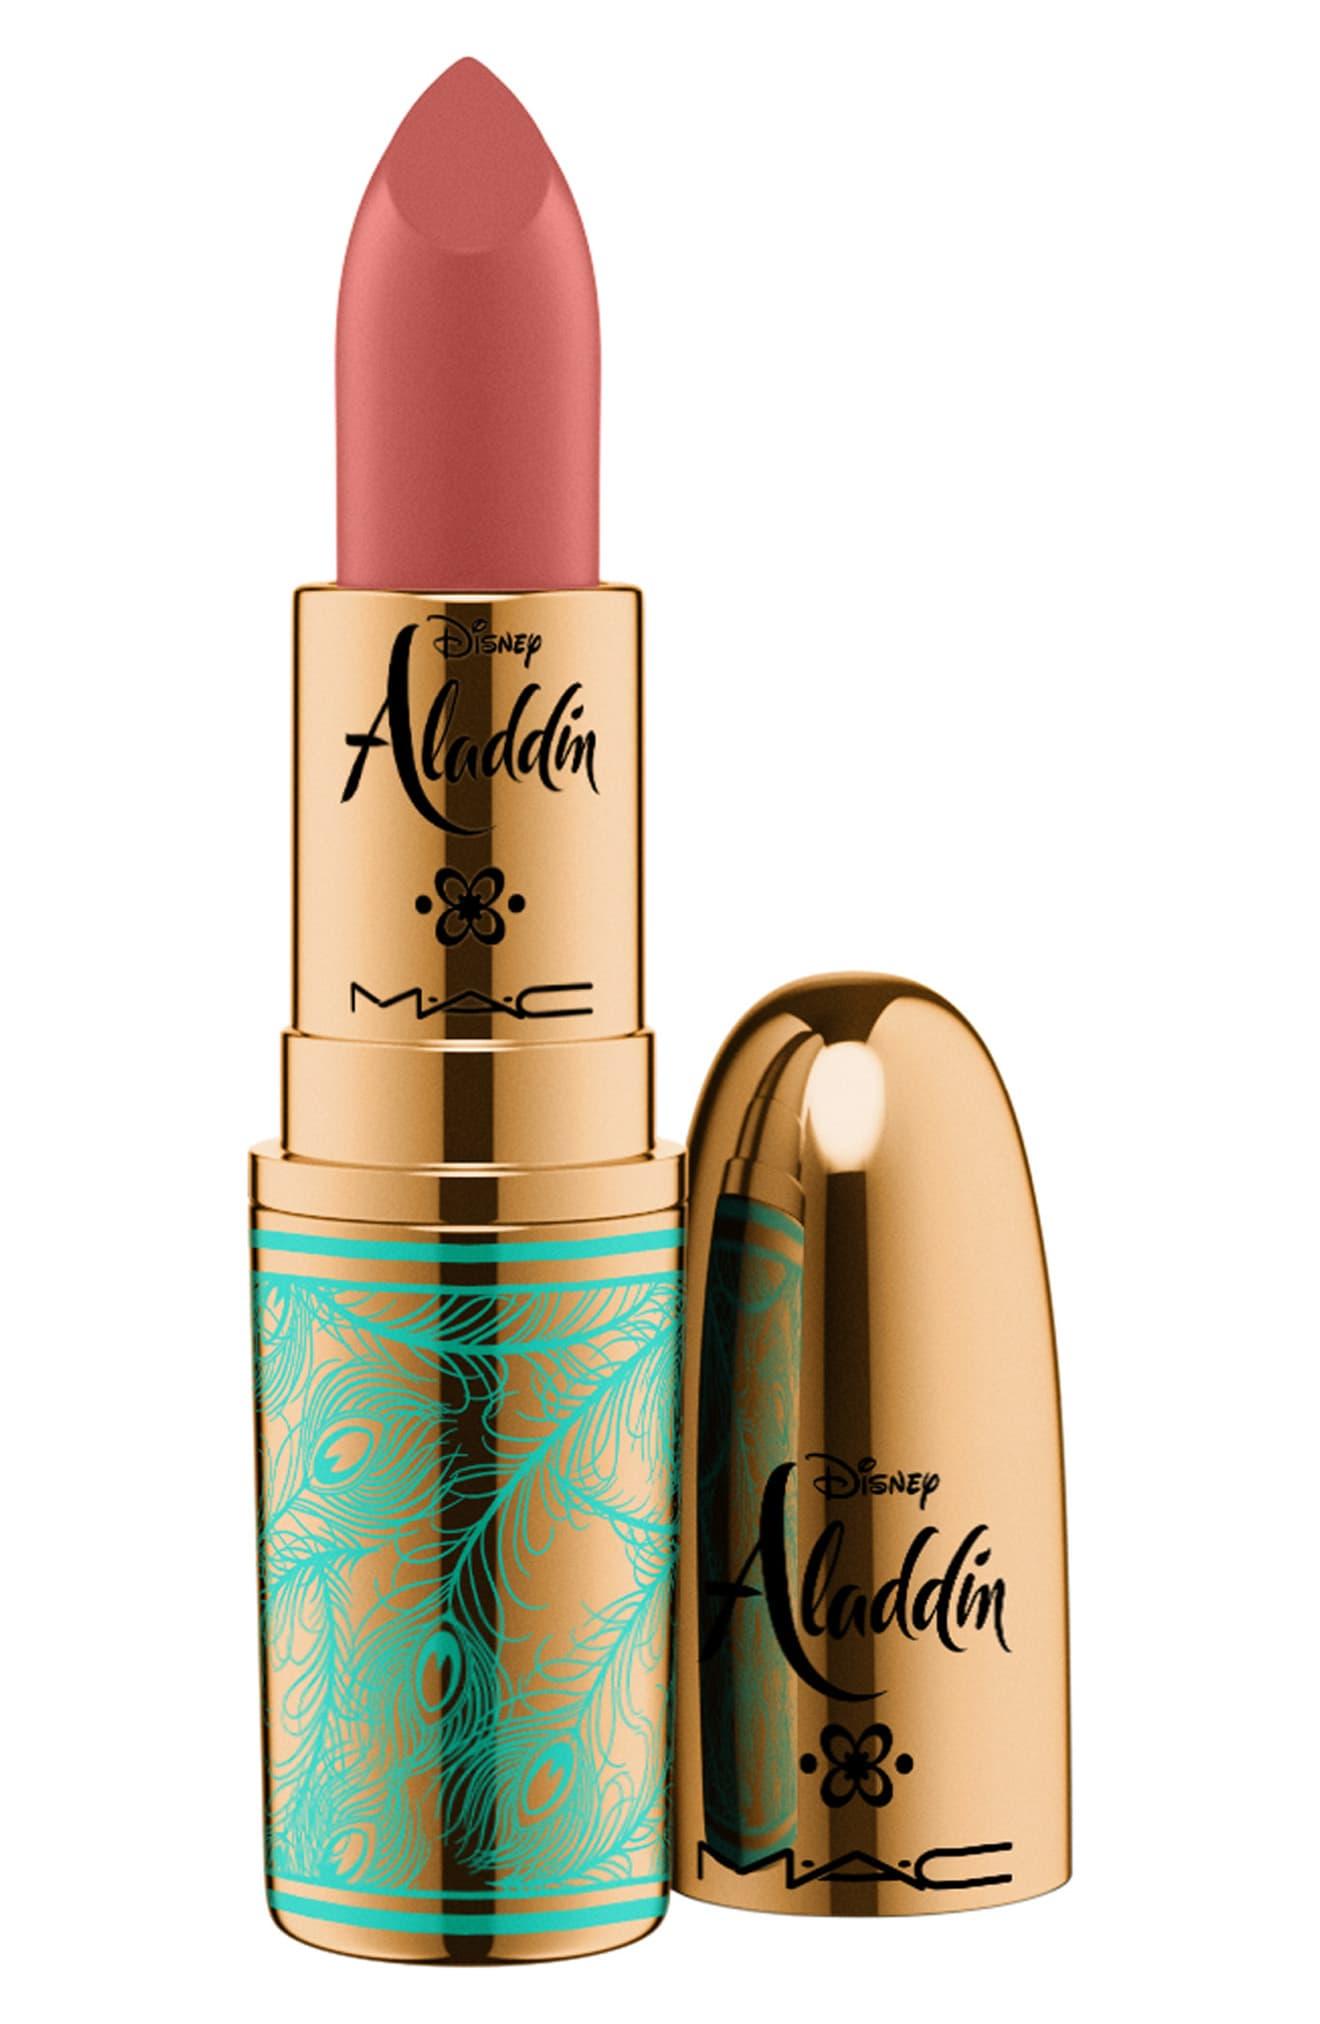 Mac Disney Aladdin Lipstick Princess Incognito Lipstick Collection Disney Makeup Makeup Collection